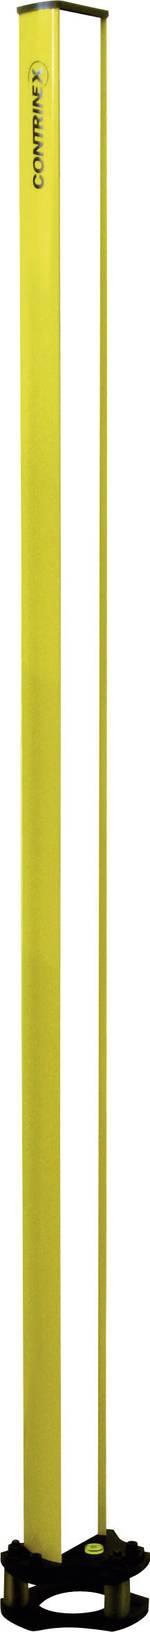 Colonne à miroir pour barrière de sécurité hauteur 1660 mm Contrinex YXC-1660-M11 605 000 683